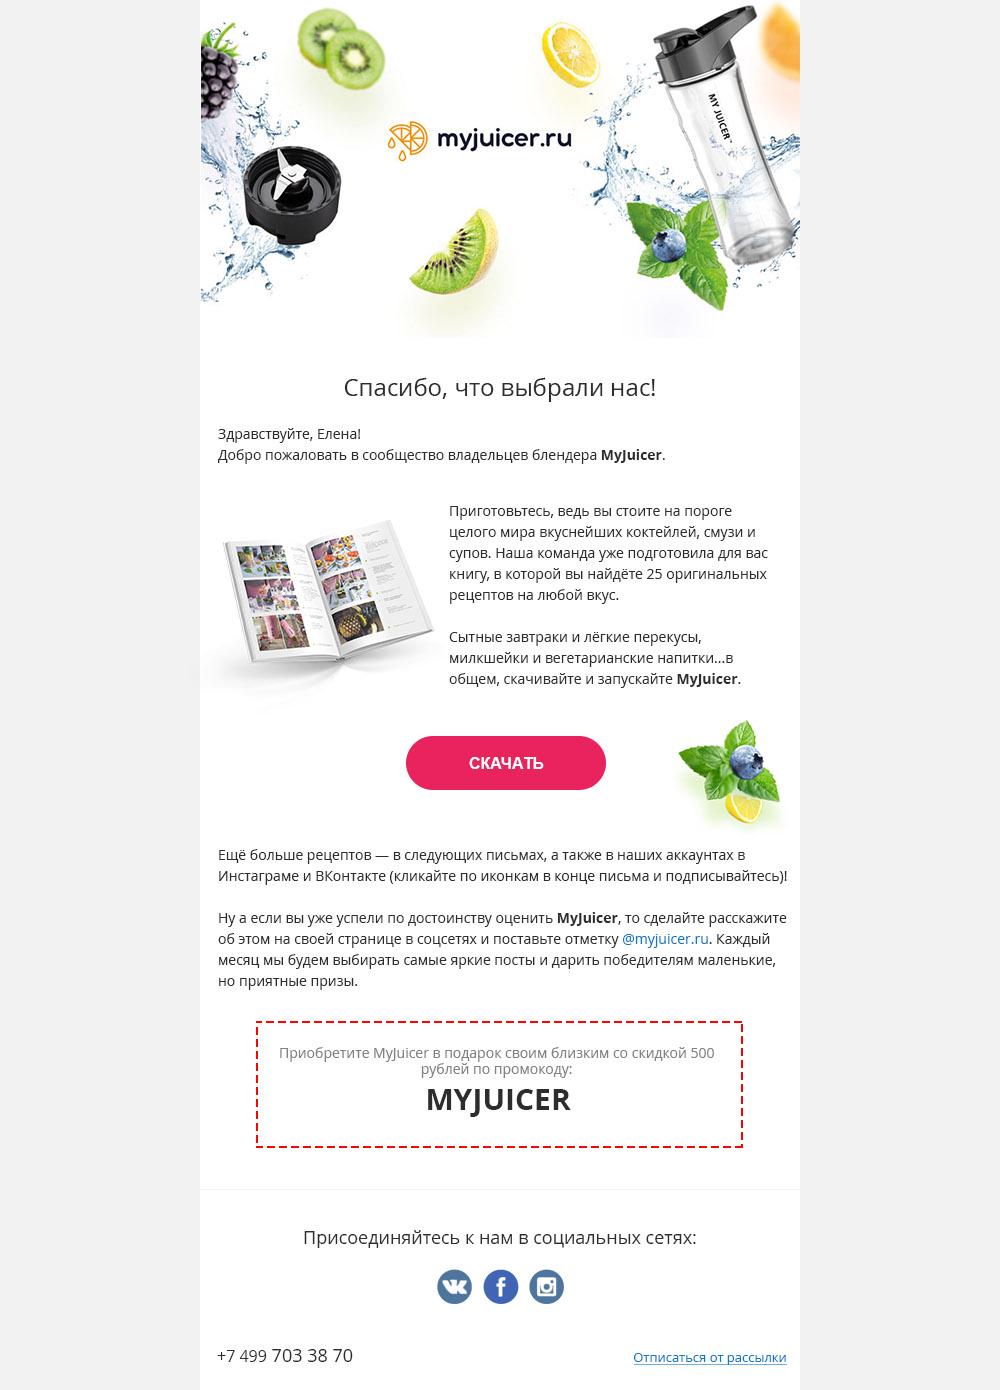 Примеры дизайна e-mail рассылки _2